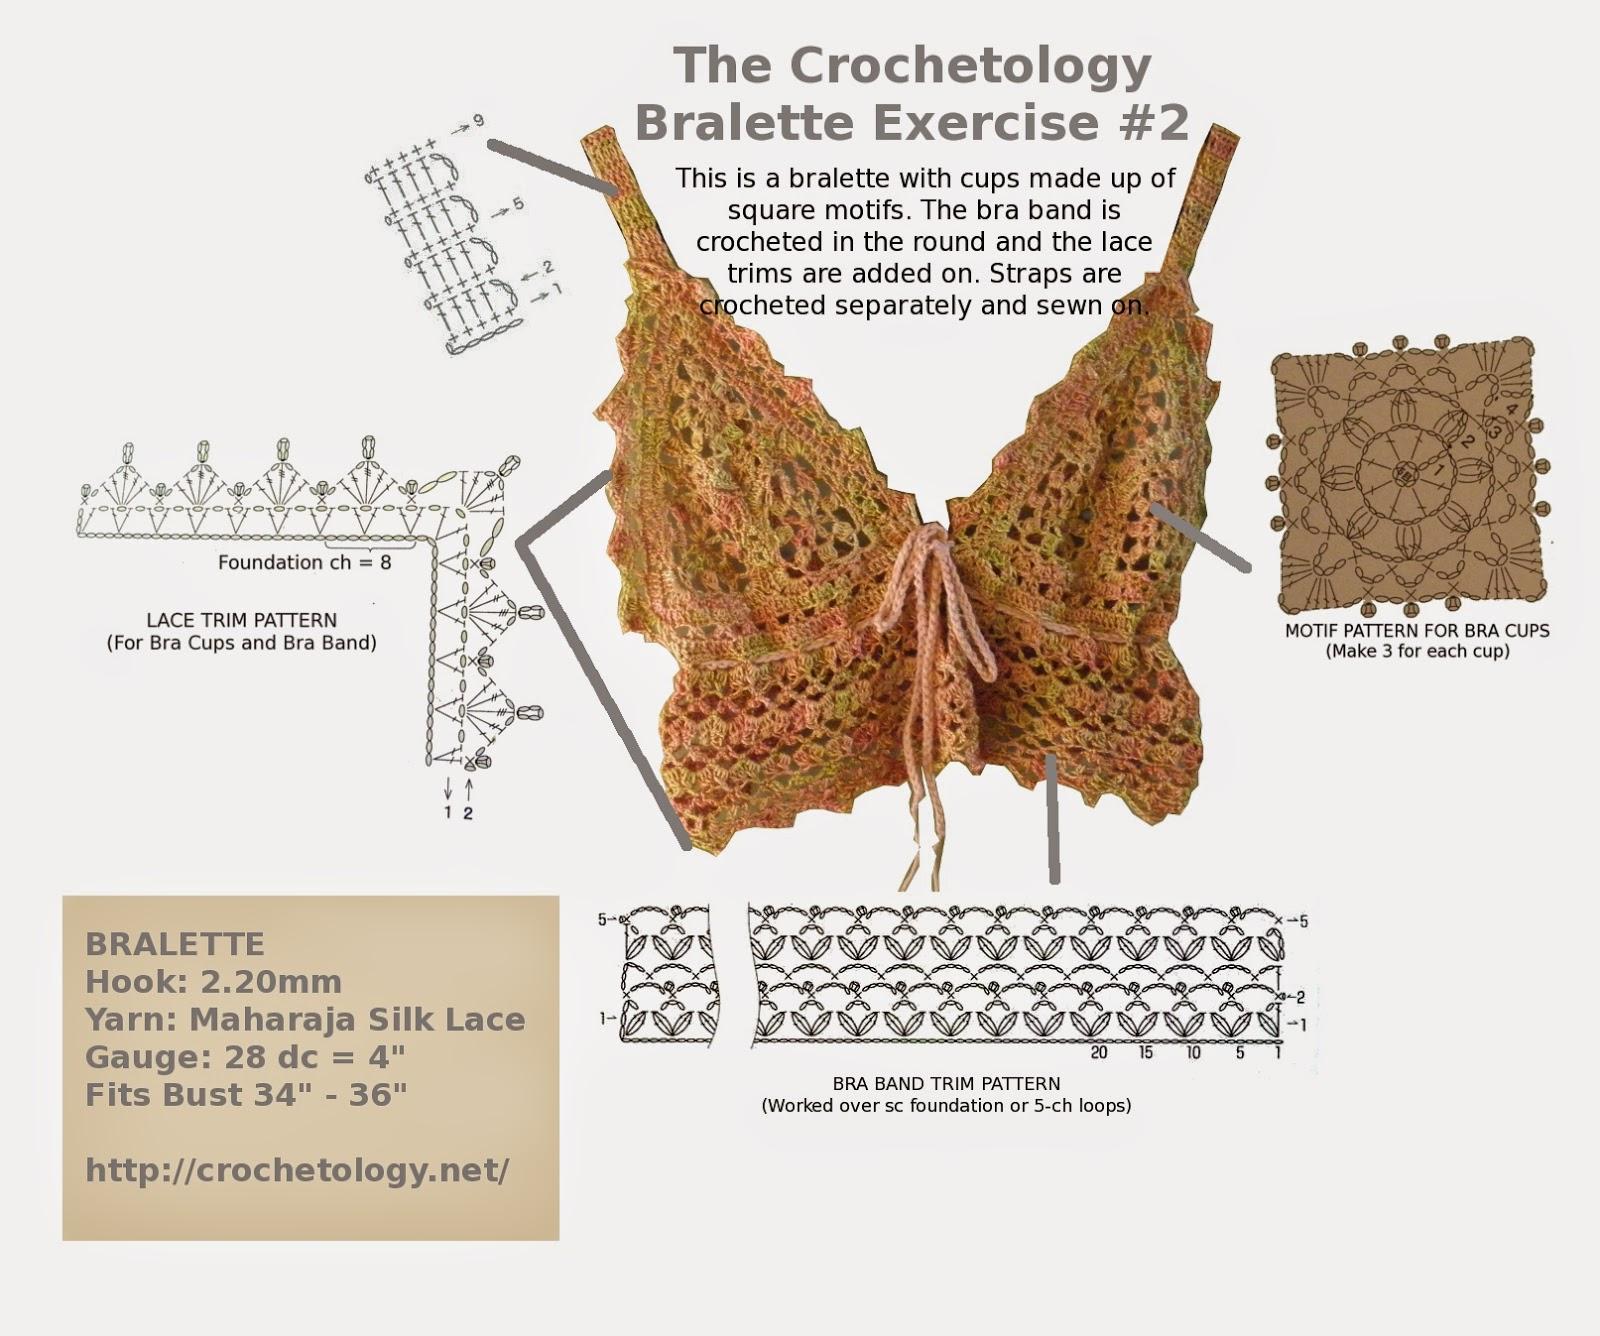 Crochetology by Fatima: Crocheted Bralette No. 2